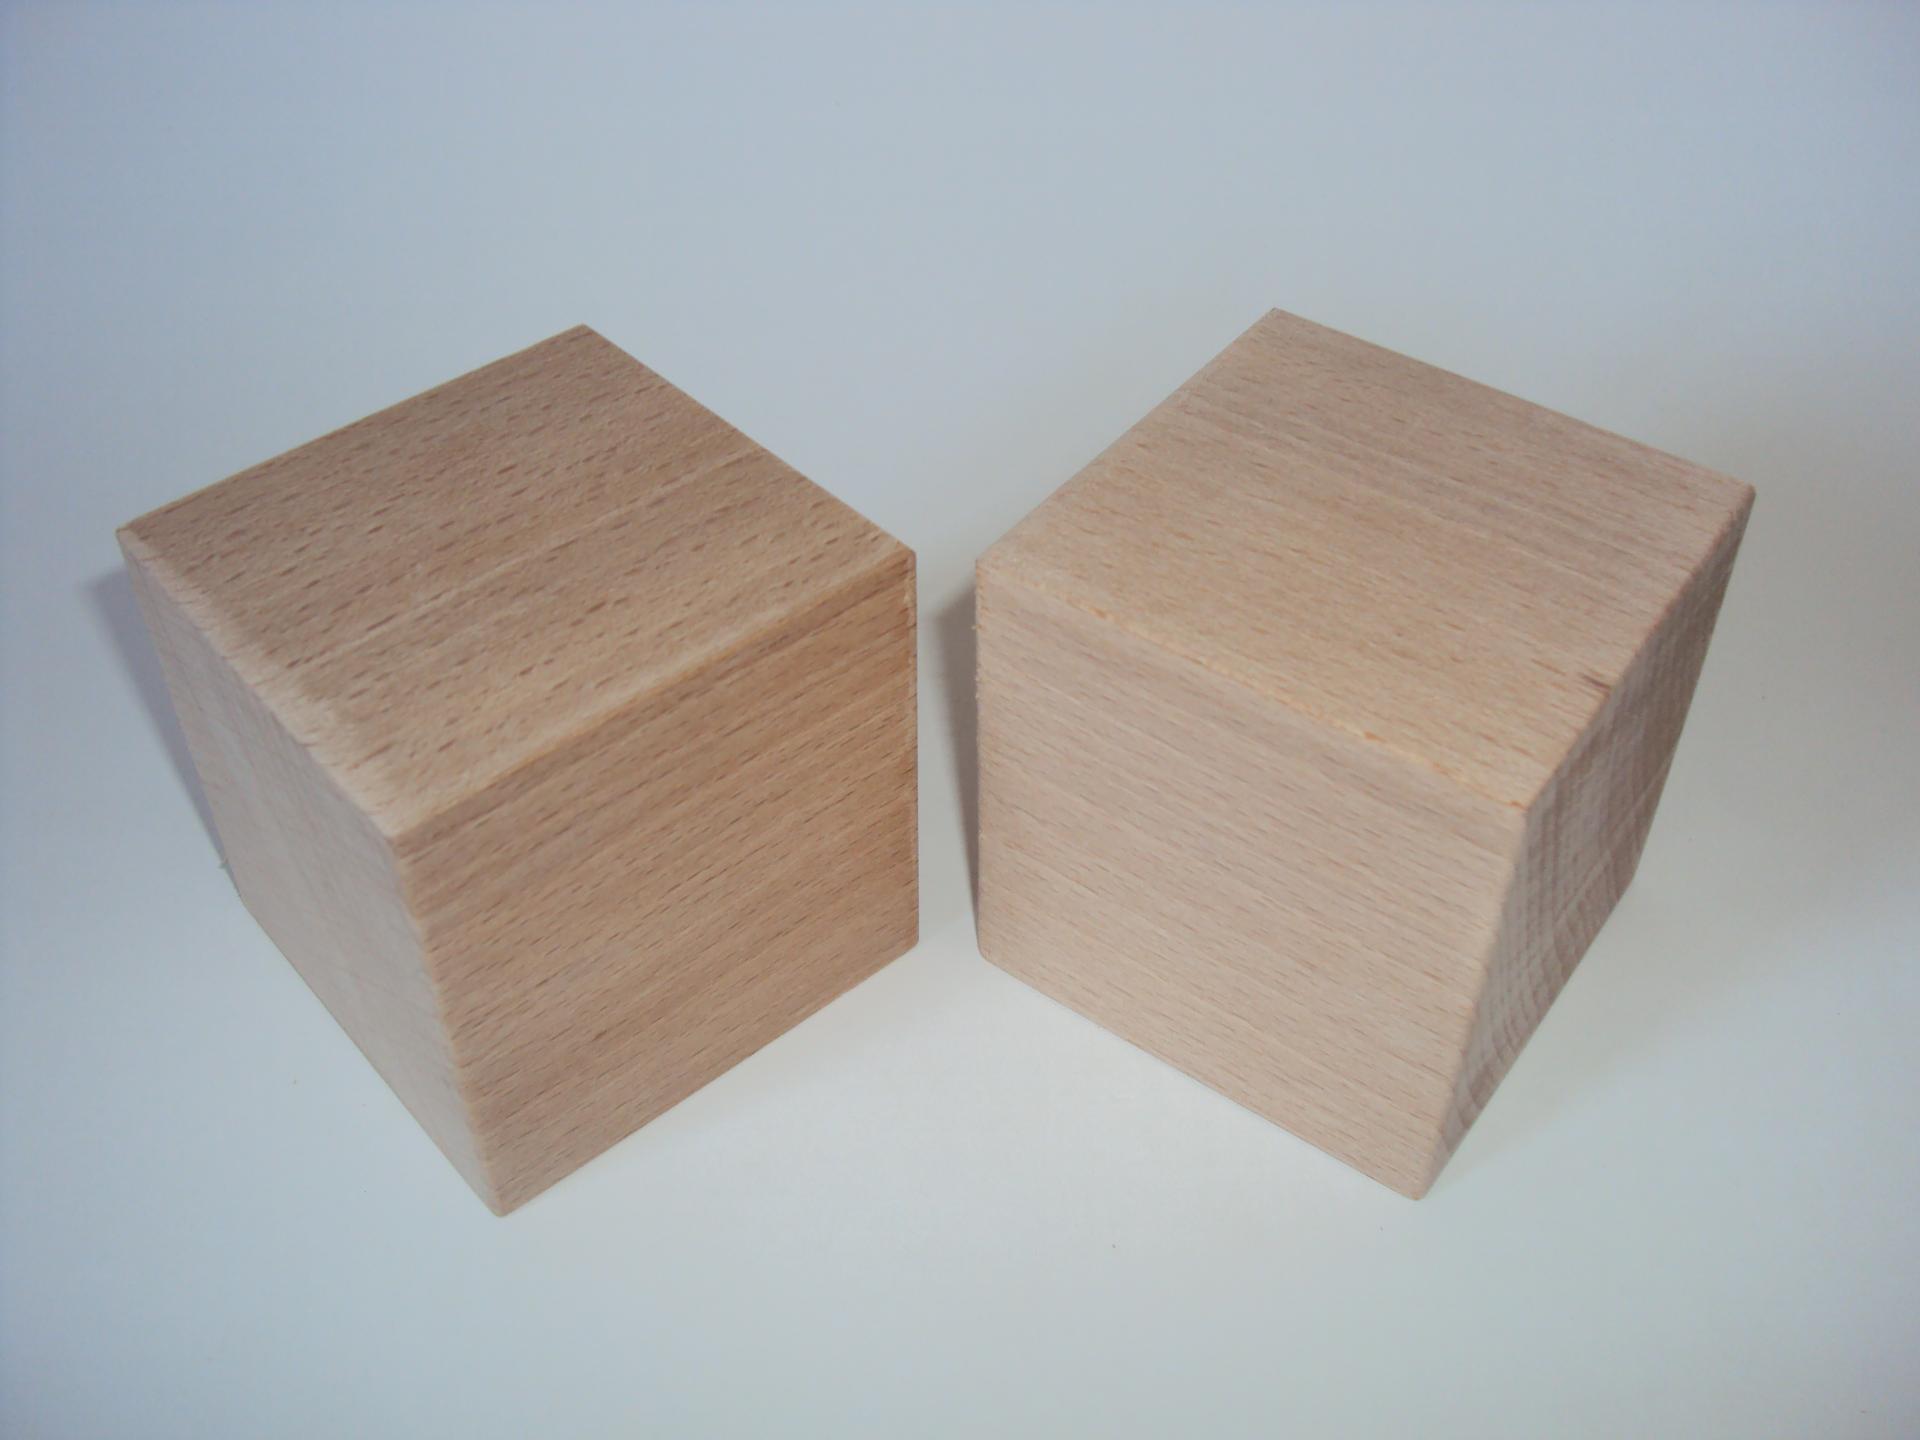 Cube 7 cm